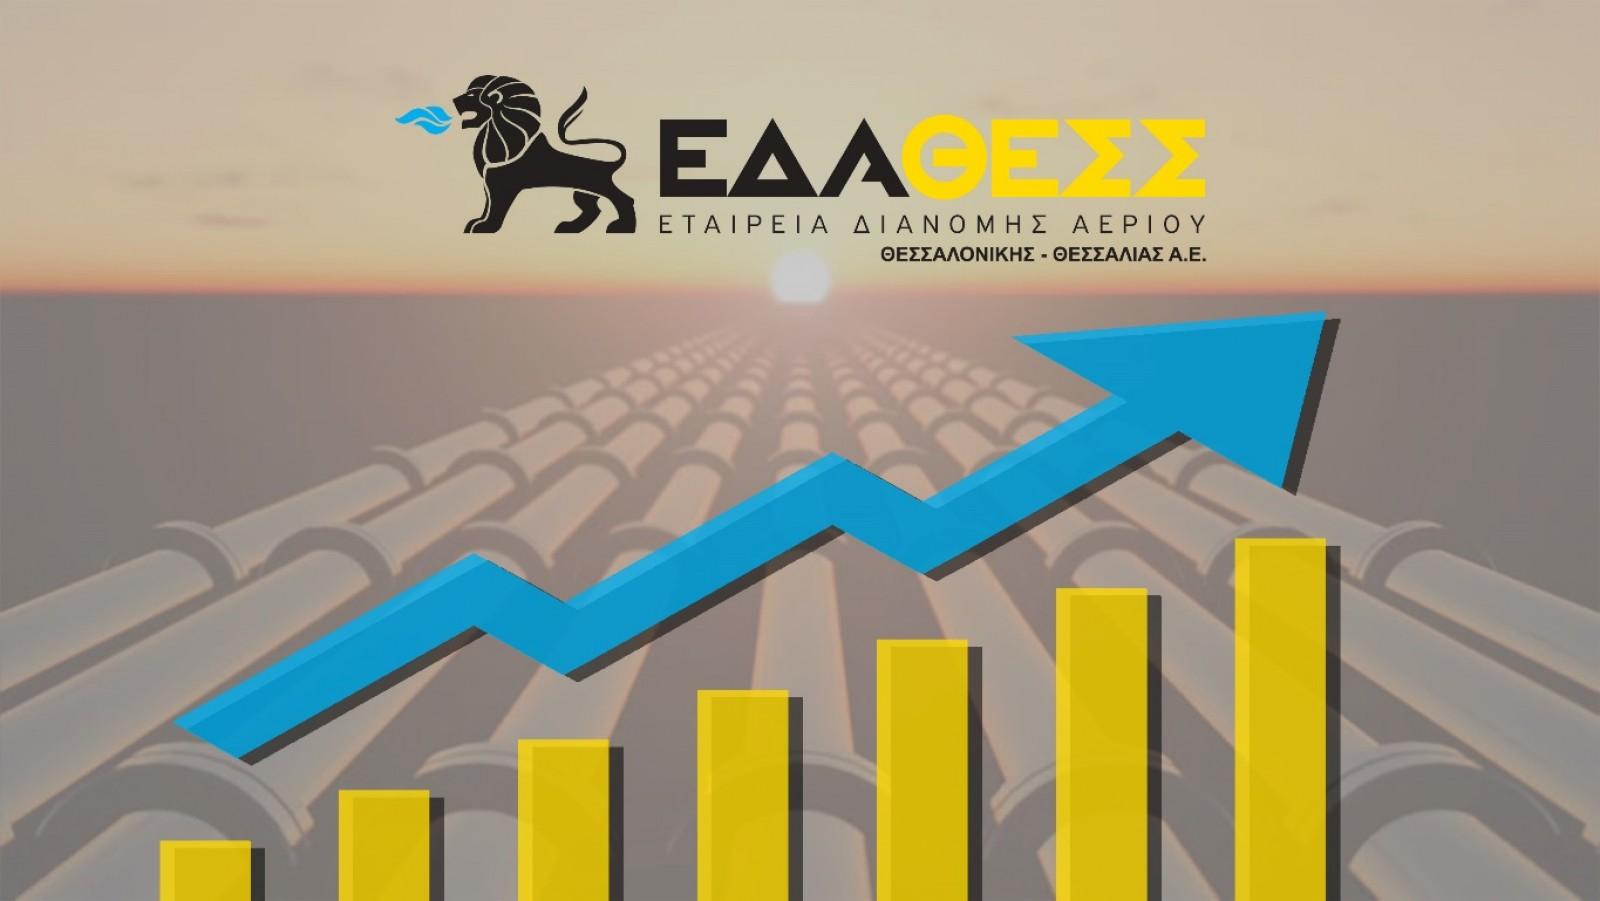 ΕΔΑ ΘΕΣΣ: Κλειδί των εντυπωσιακών αποδόσεων ο στρατηγικός σχεδιασμός της εταιρείας